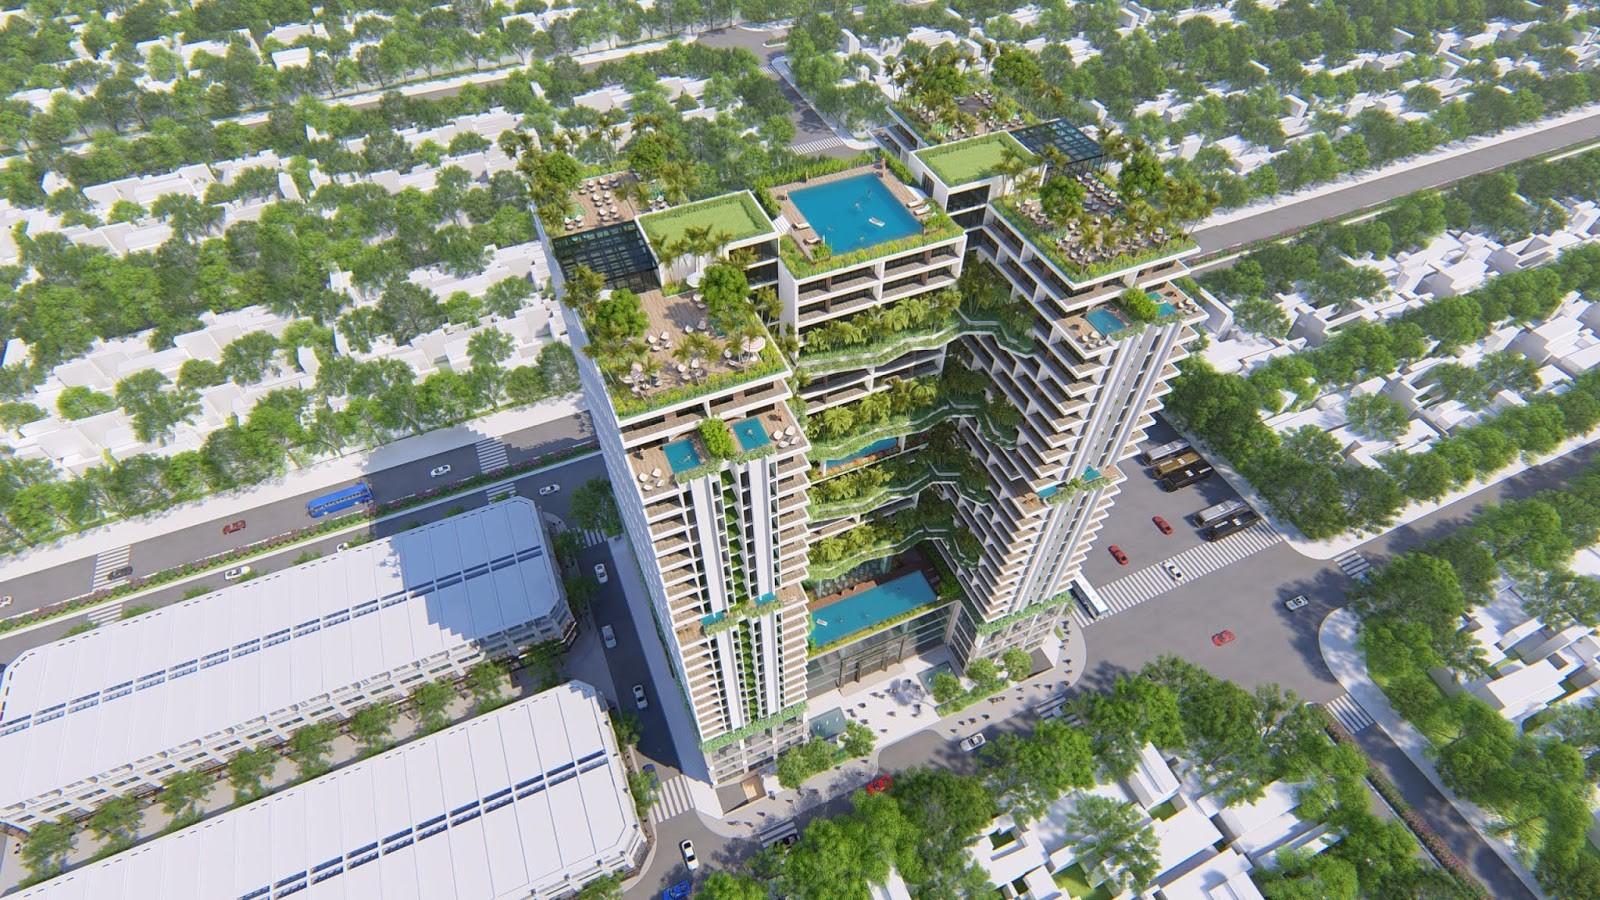 Phối cảnh tòa căn hộ condotel trong khuôn viên dự án Apec Mandala Phú Yên